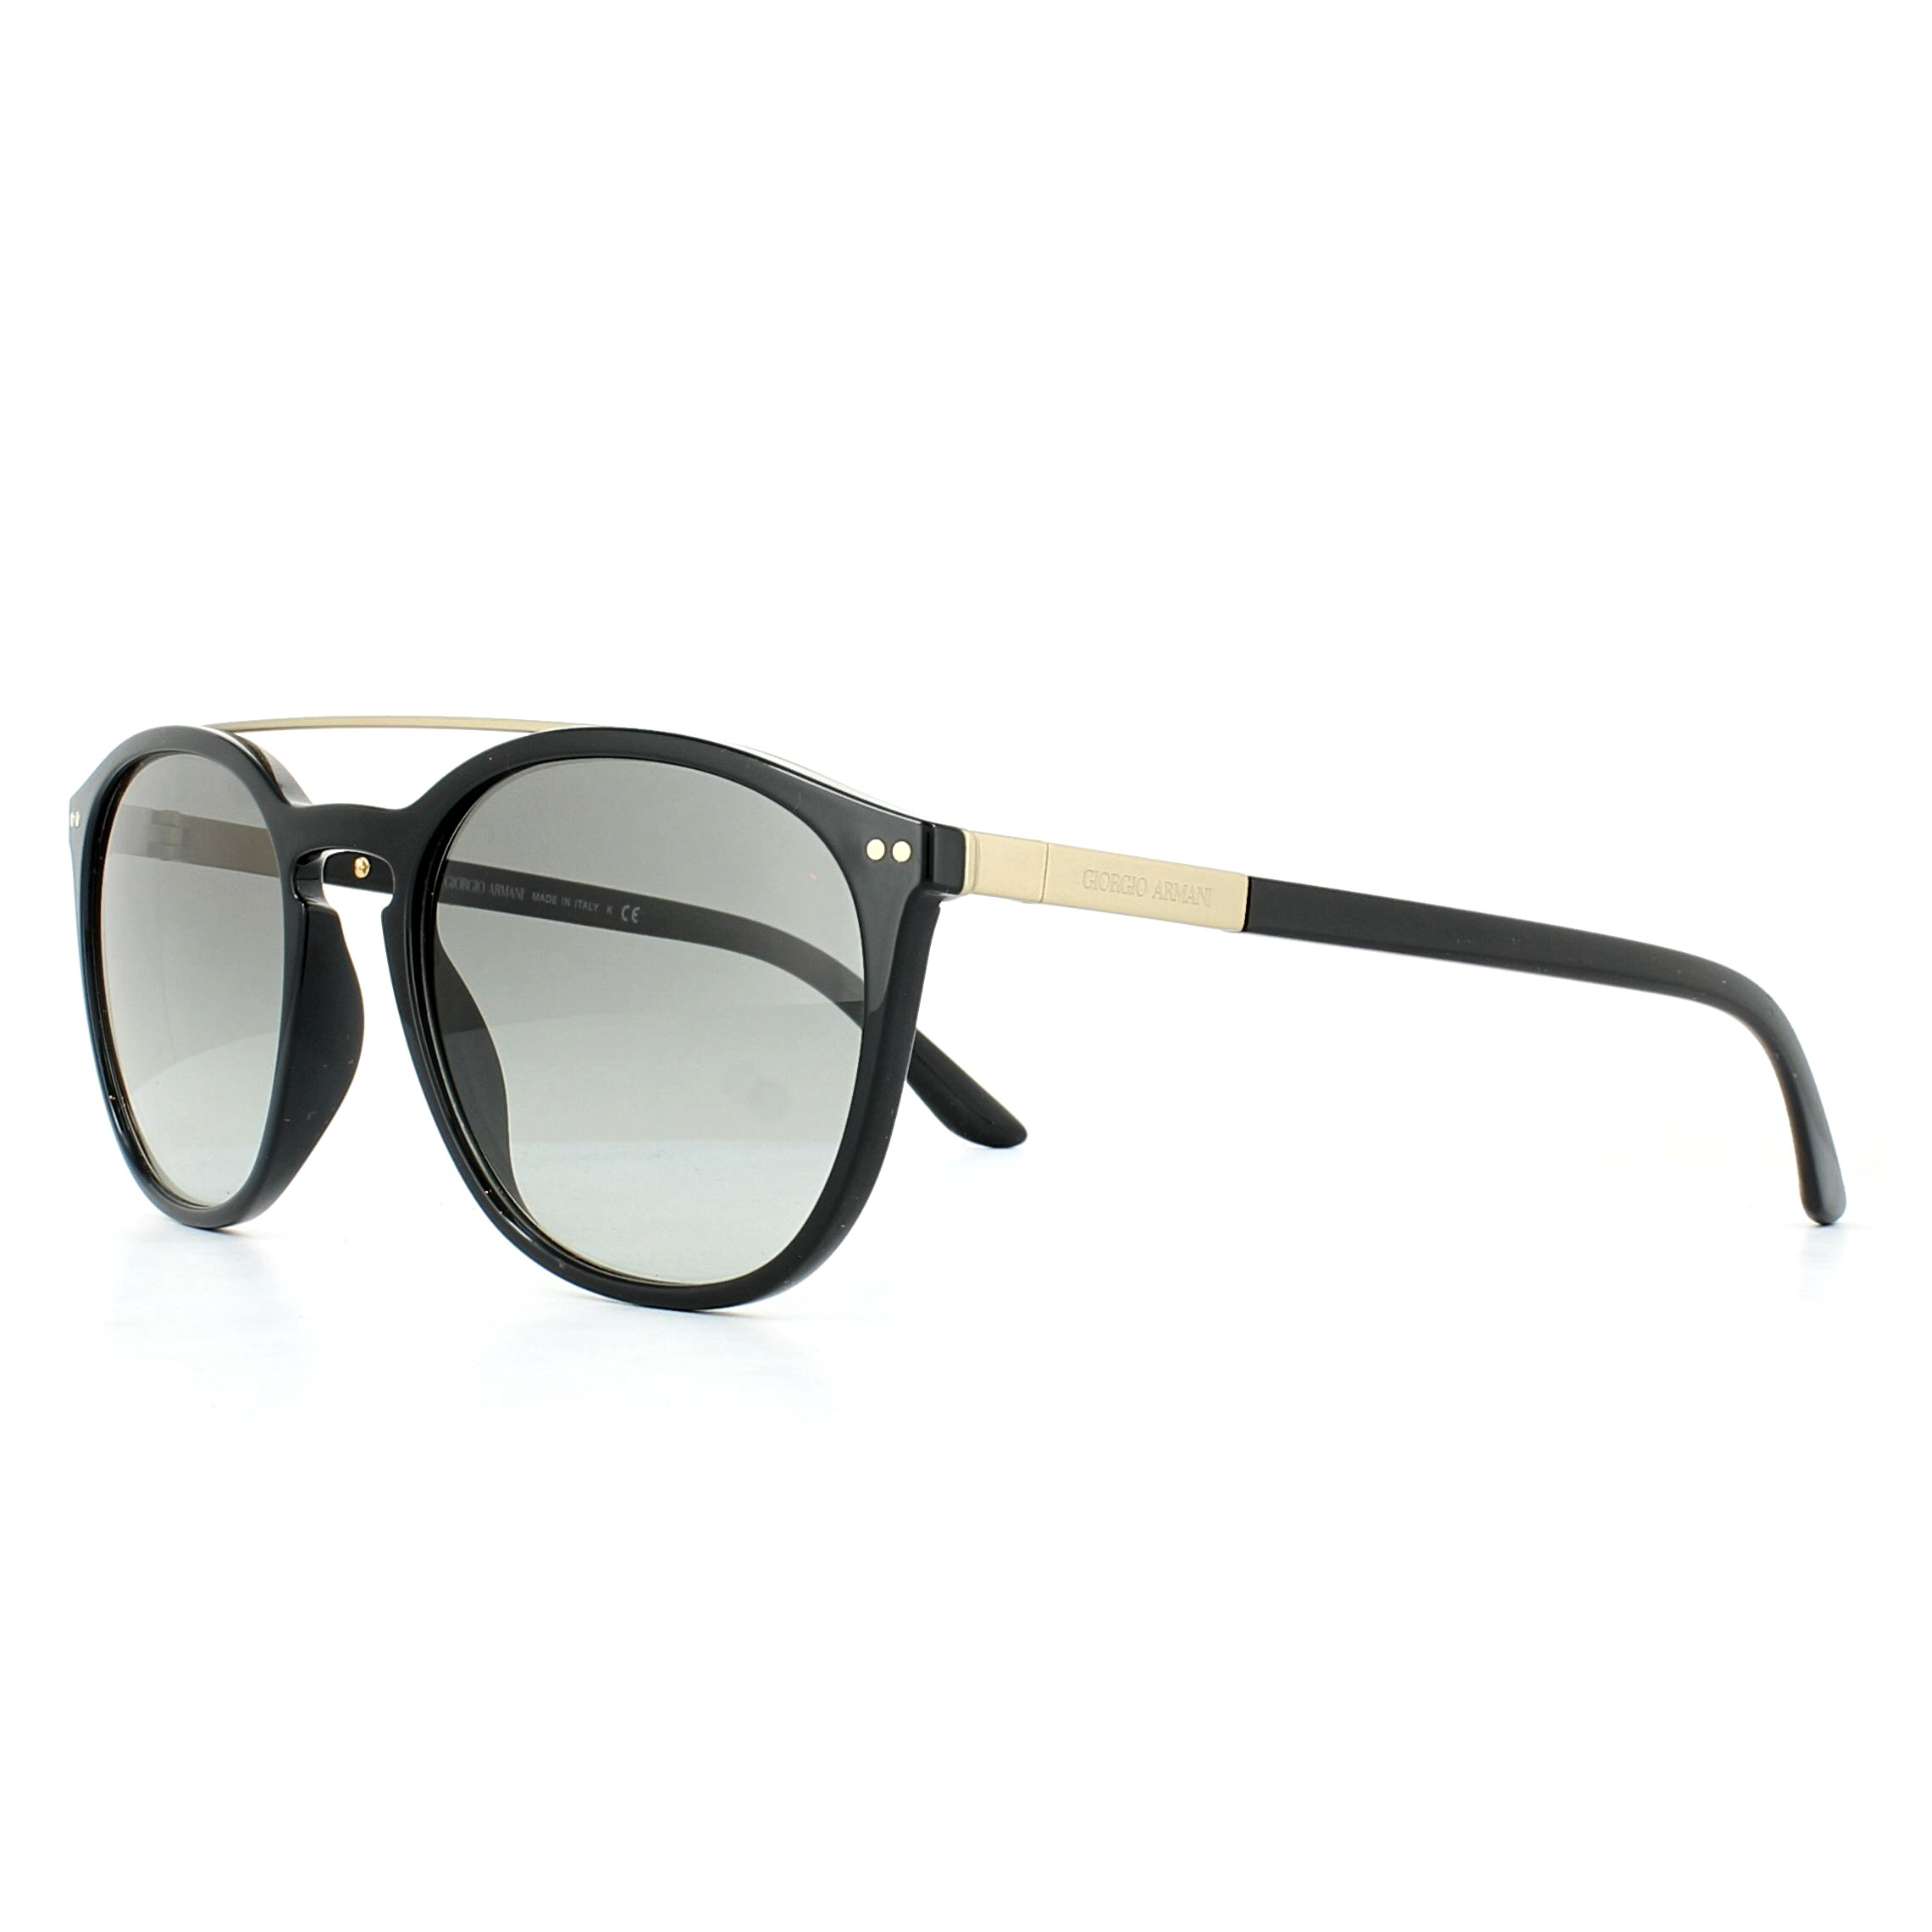 fcd0f134810 Sentinel Giorgio Armani Sunglasses AR8088 501711 Black Grey Gradient